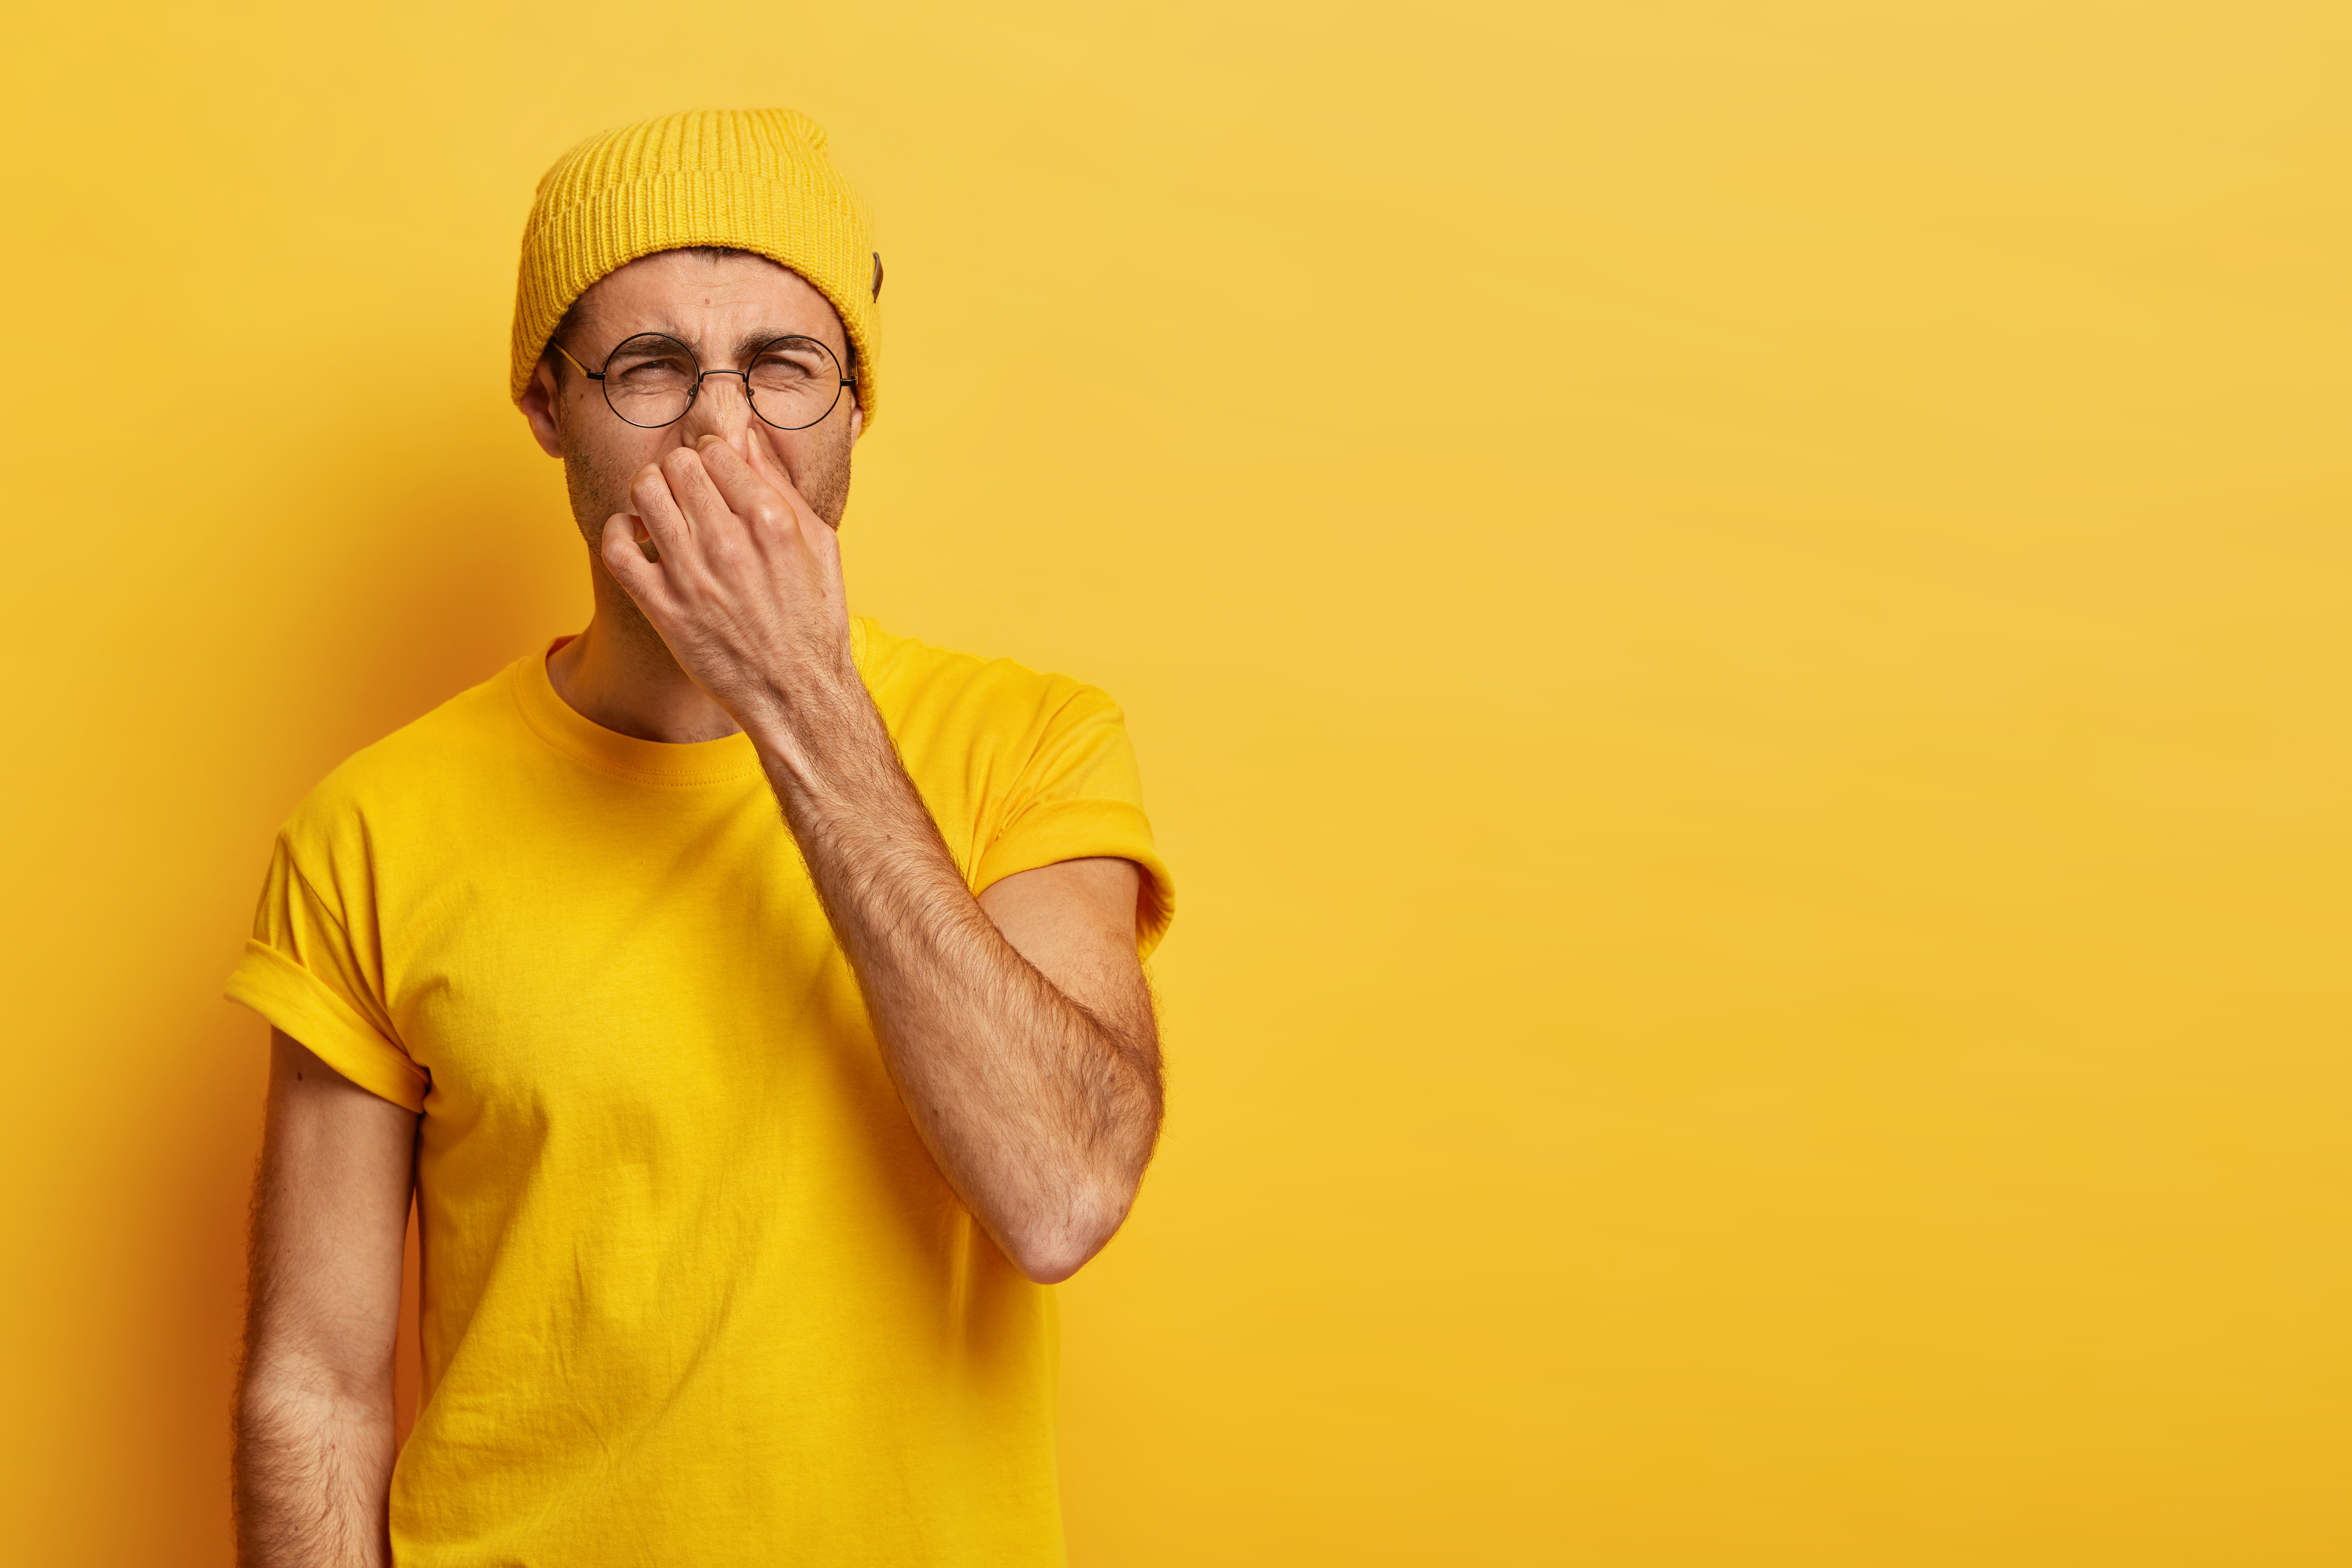 O czym może świadczyć zapach potu?